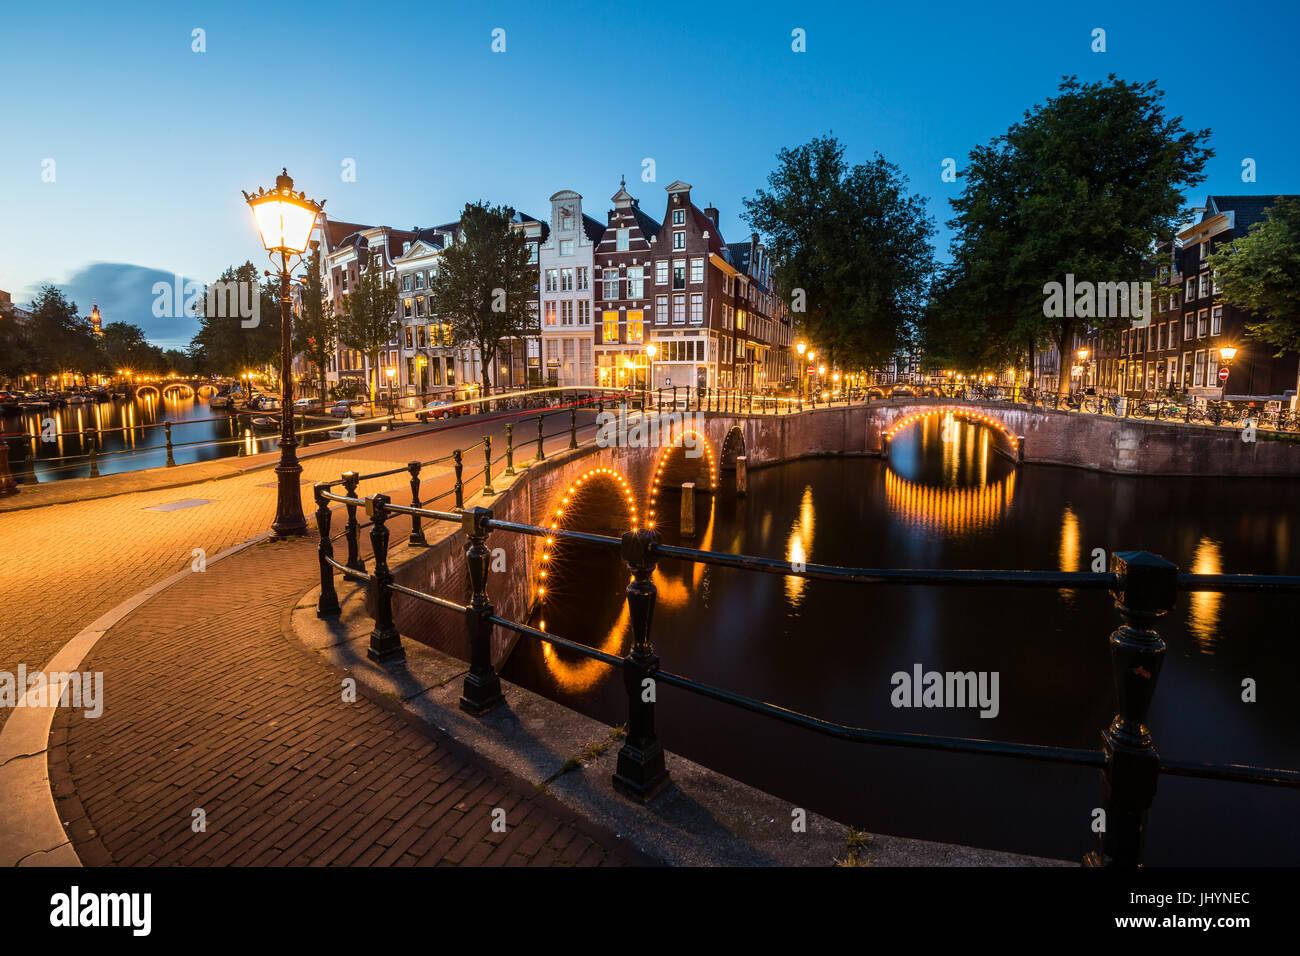 L'Amsterdam canal sud sonne à l'intersection de Leidsegracht et Keizersgracht, Amsterdam, Pays-Bas Photo Stock